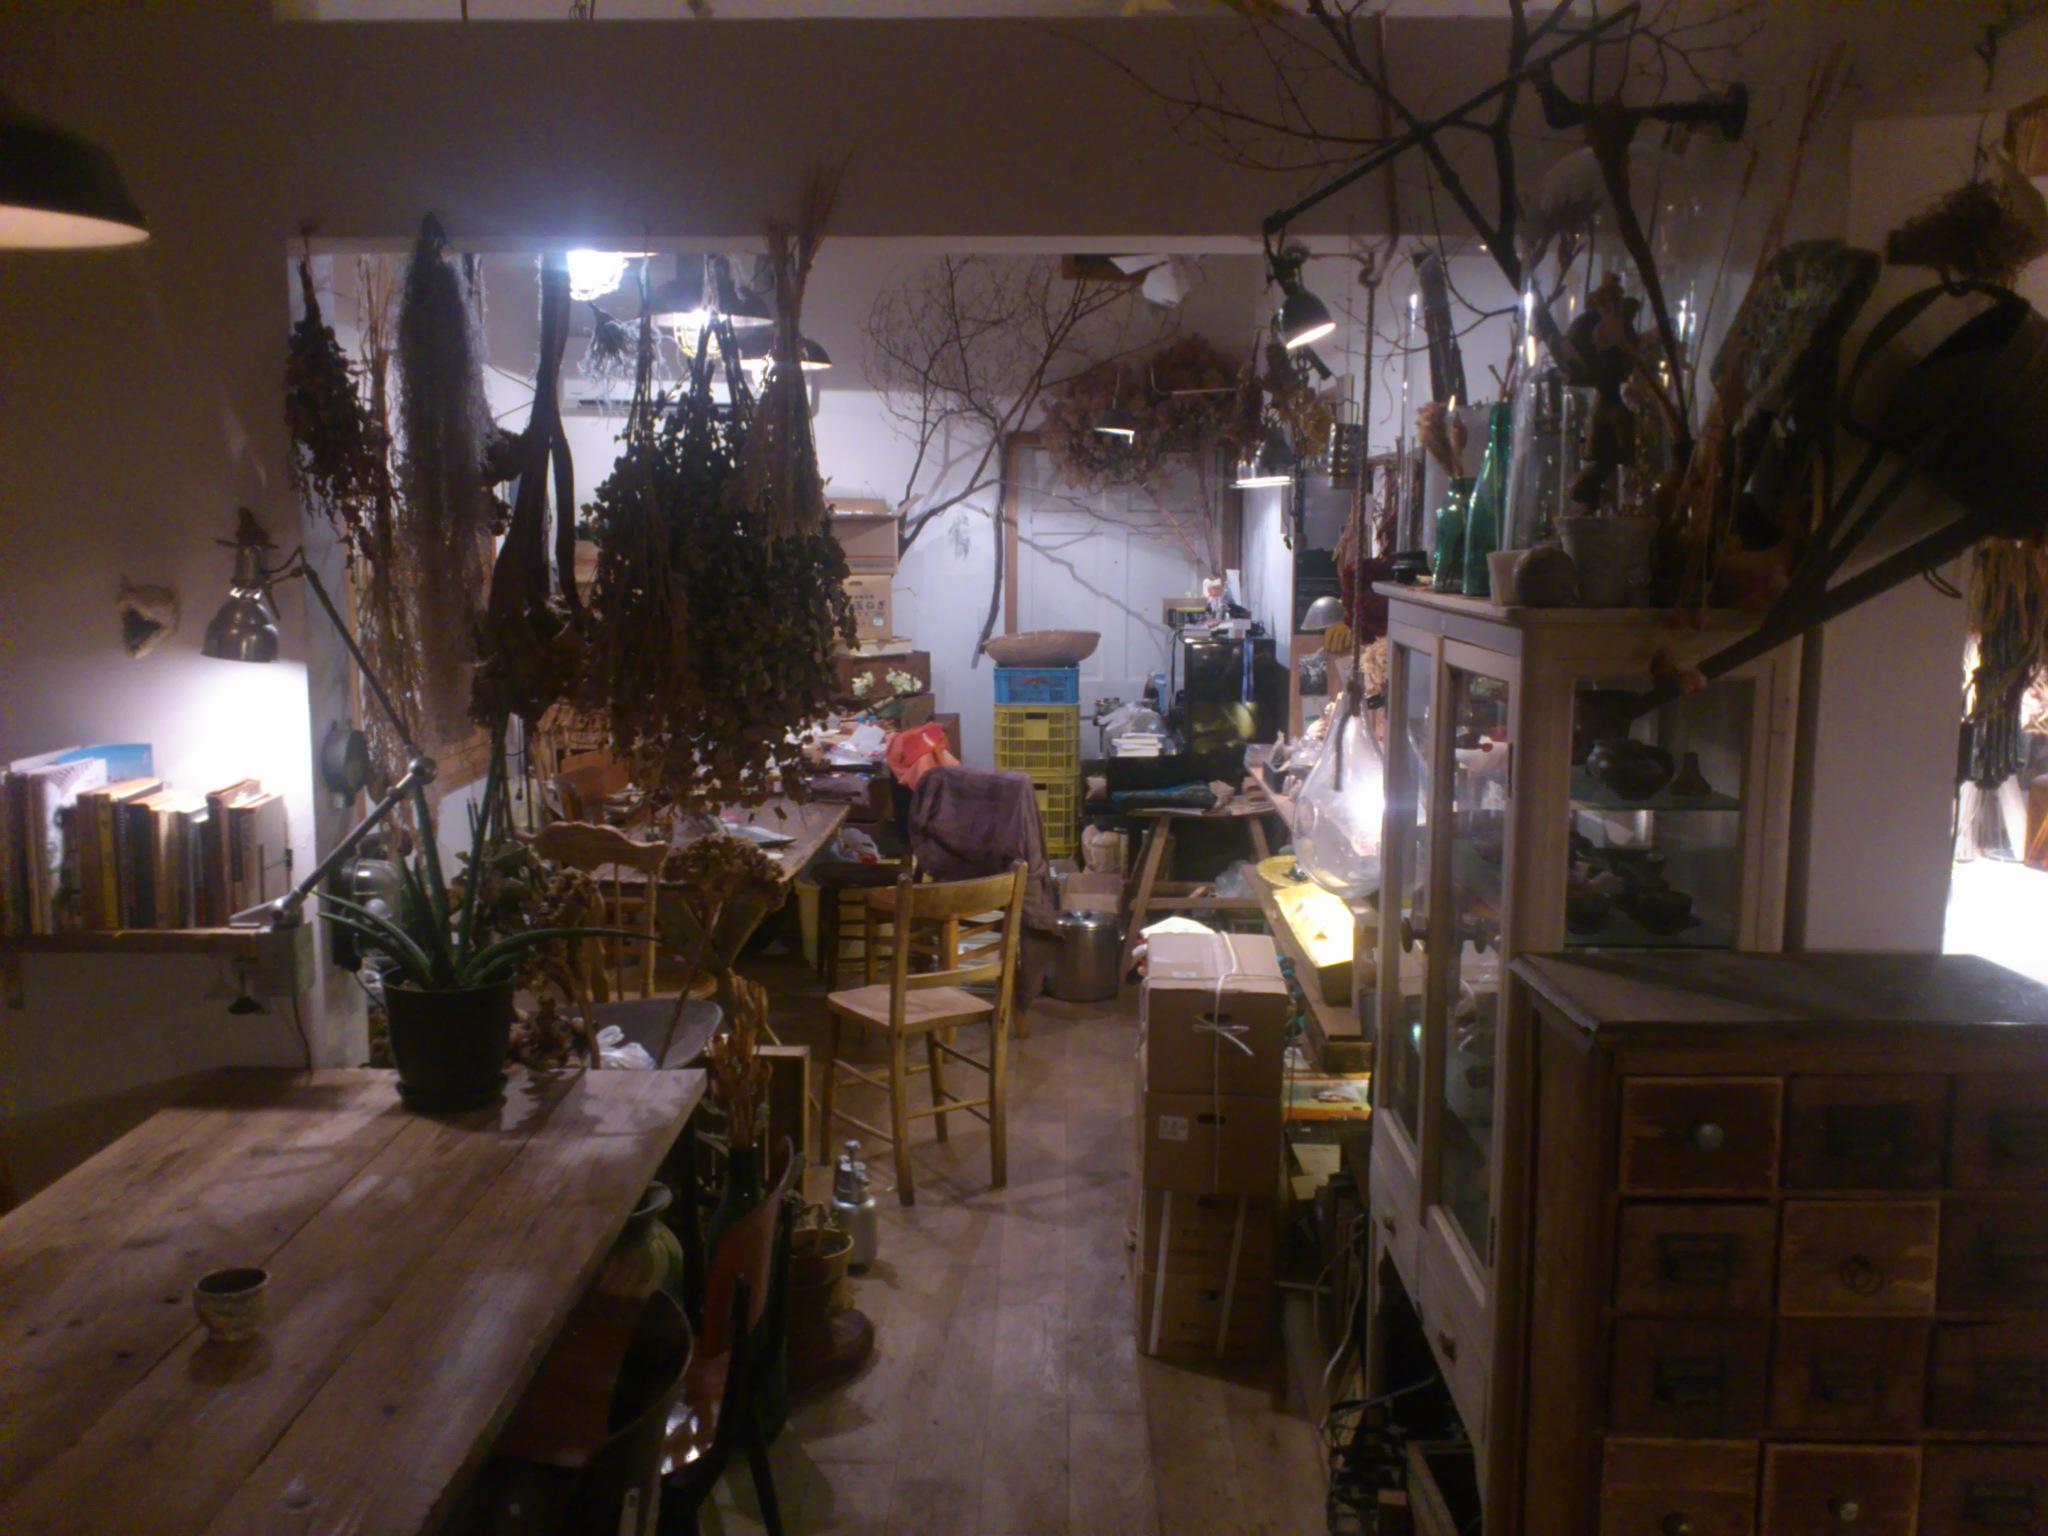 @静岡。「日々の食卓と暮らしRama」にて深夜の服飾コラボレート会議中。化学反応の結実をお楽しみに♪